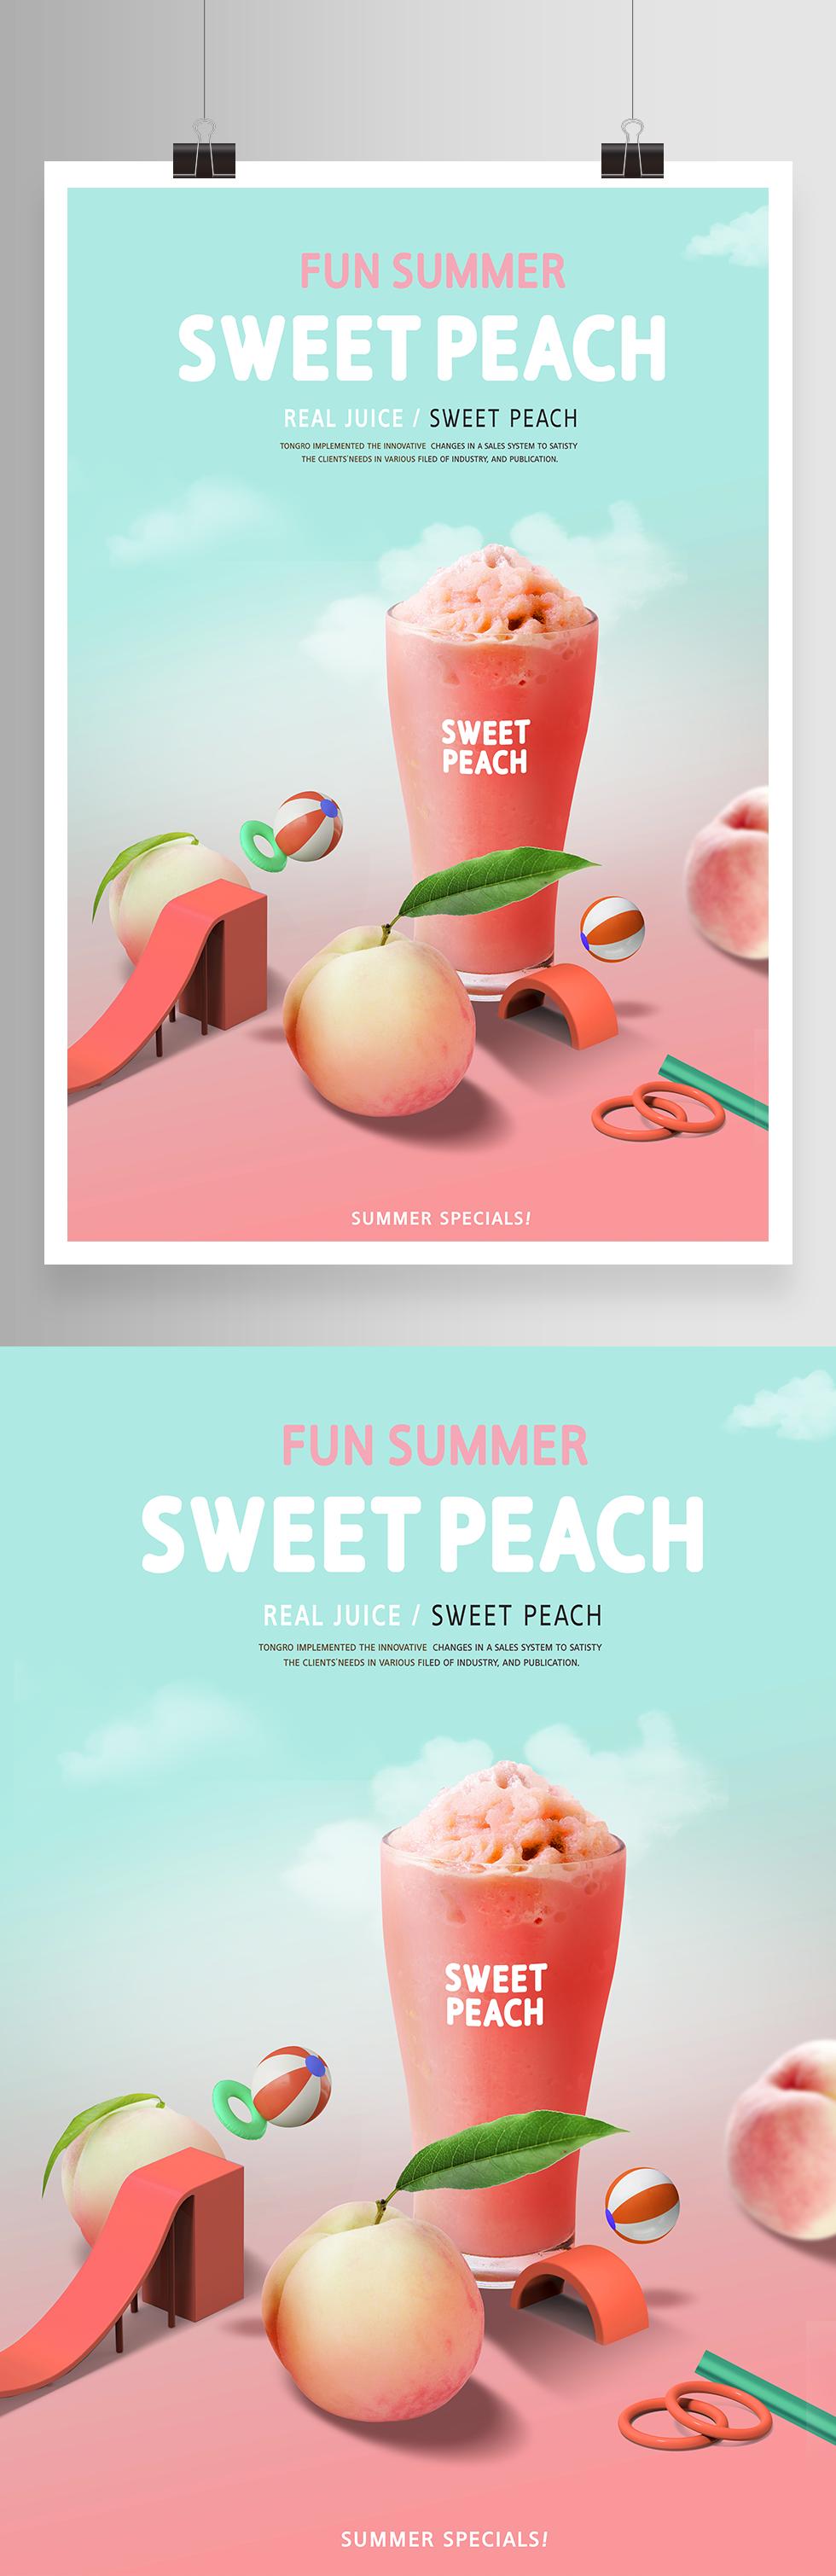 夏日季节水果饮料饮品蜜桃奶茶产品宣传海报